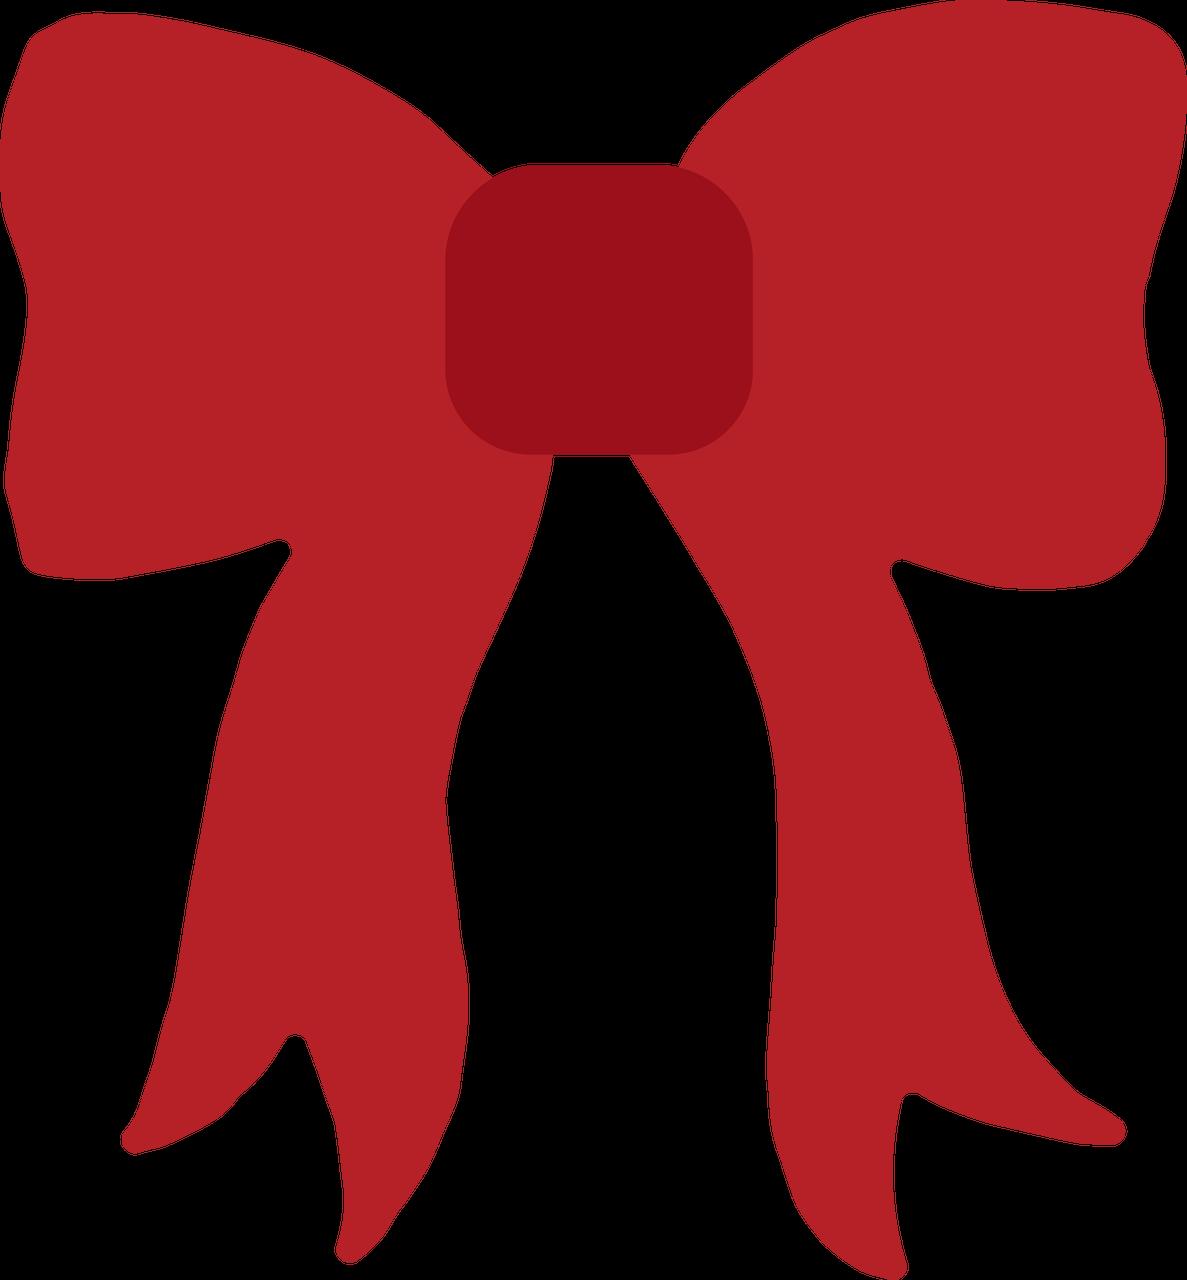 Christmas Bow Svg.Christmas Bow Svg Cut File